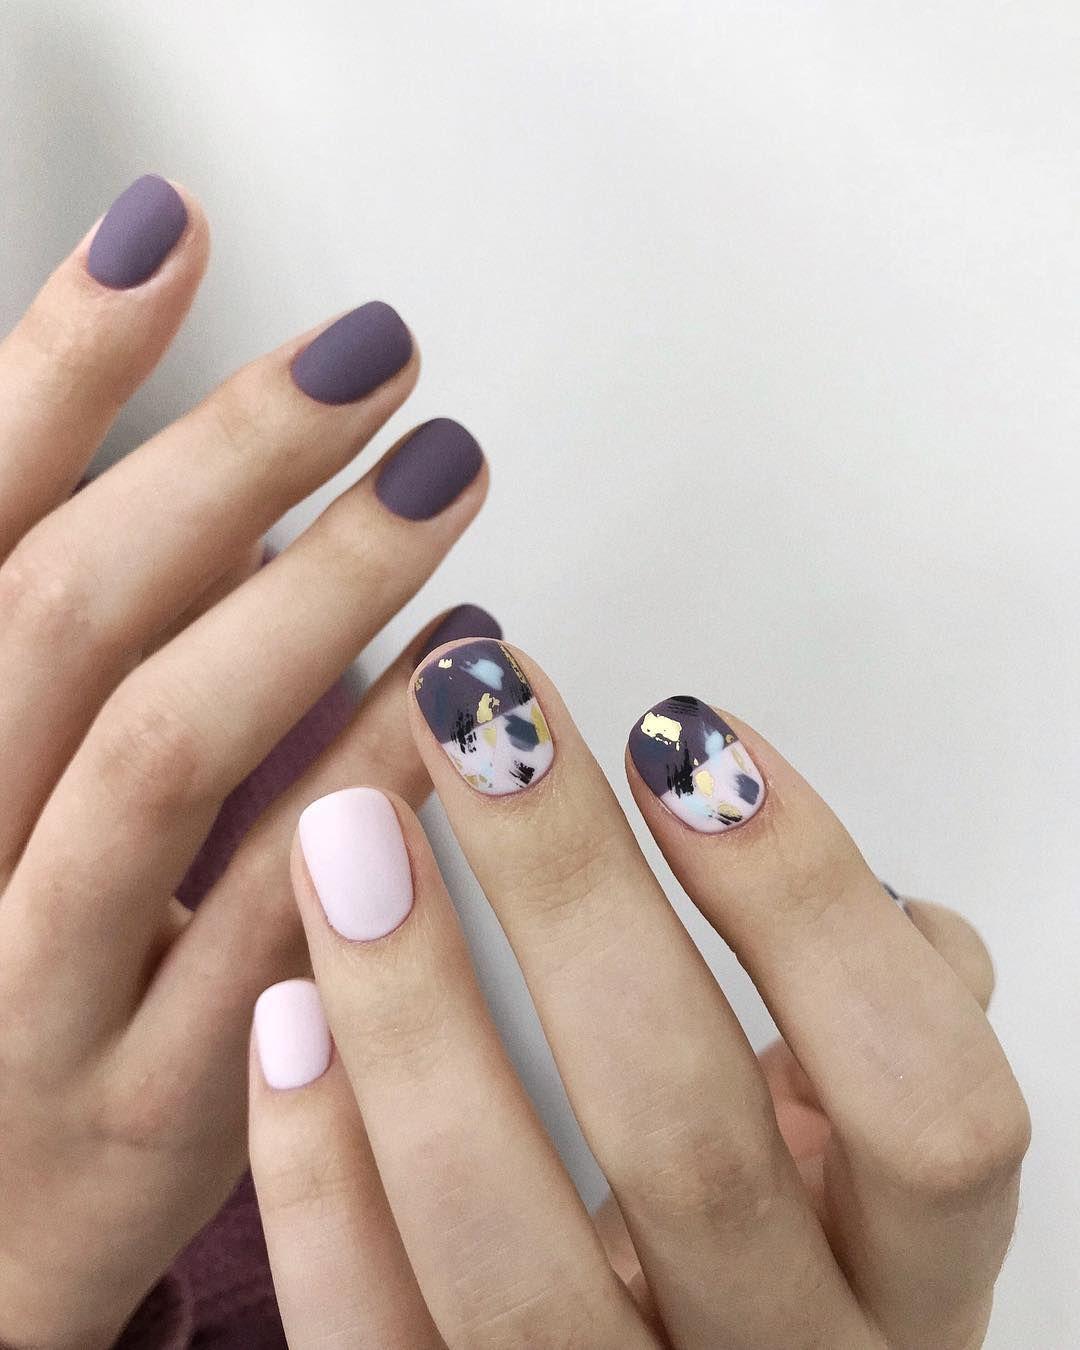 Маникюр на очень короткие ногти 2021: идеи красивого и модного дизайна, более 200 фото